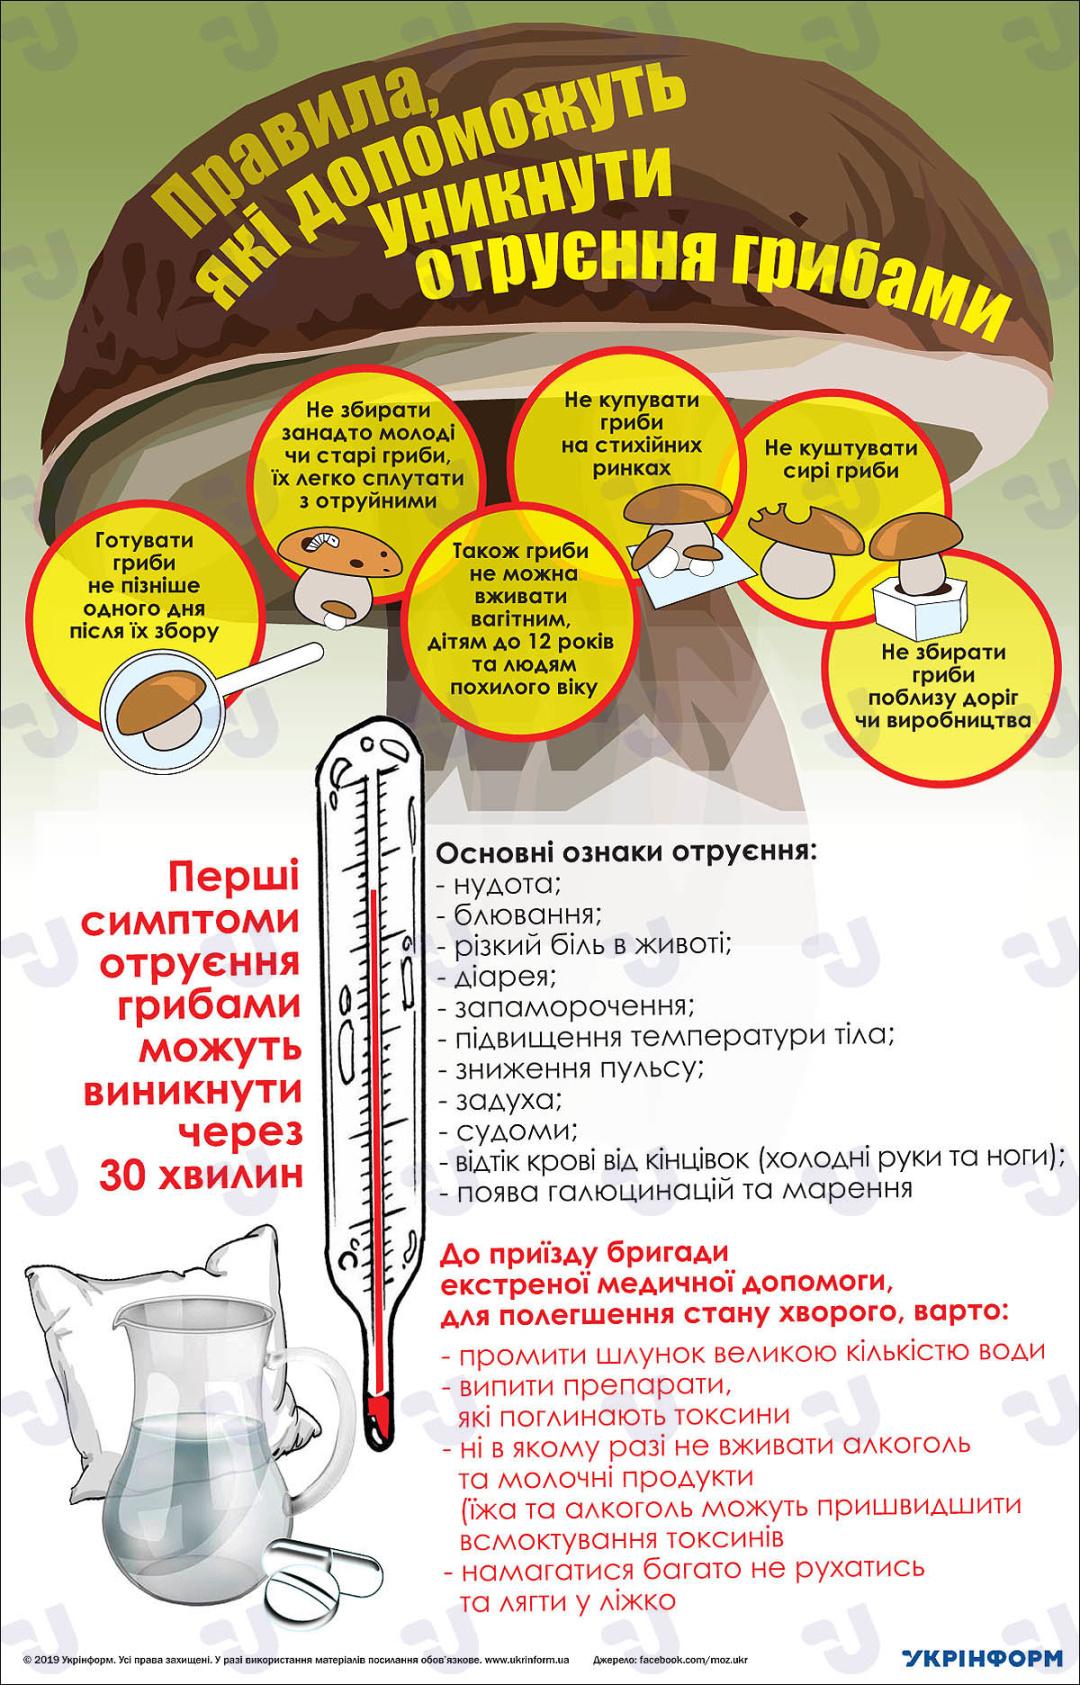 Правила, які допоможуть уникнути отруєння грибами. Інфографіка